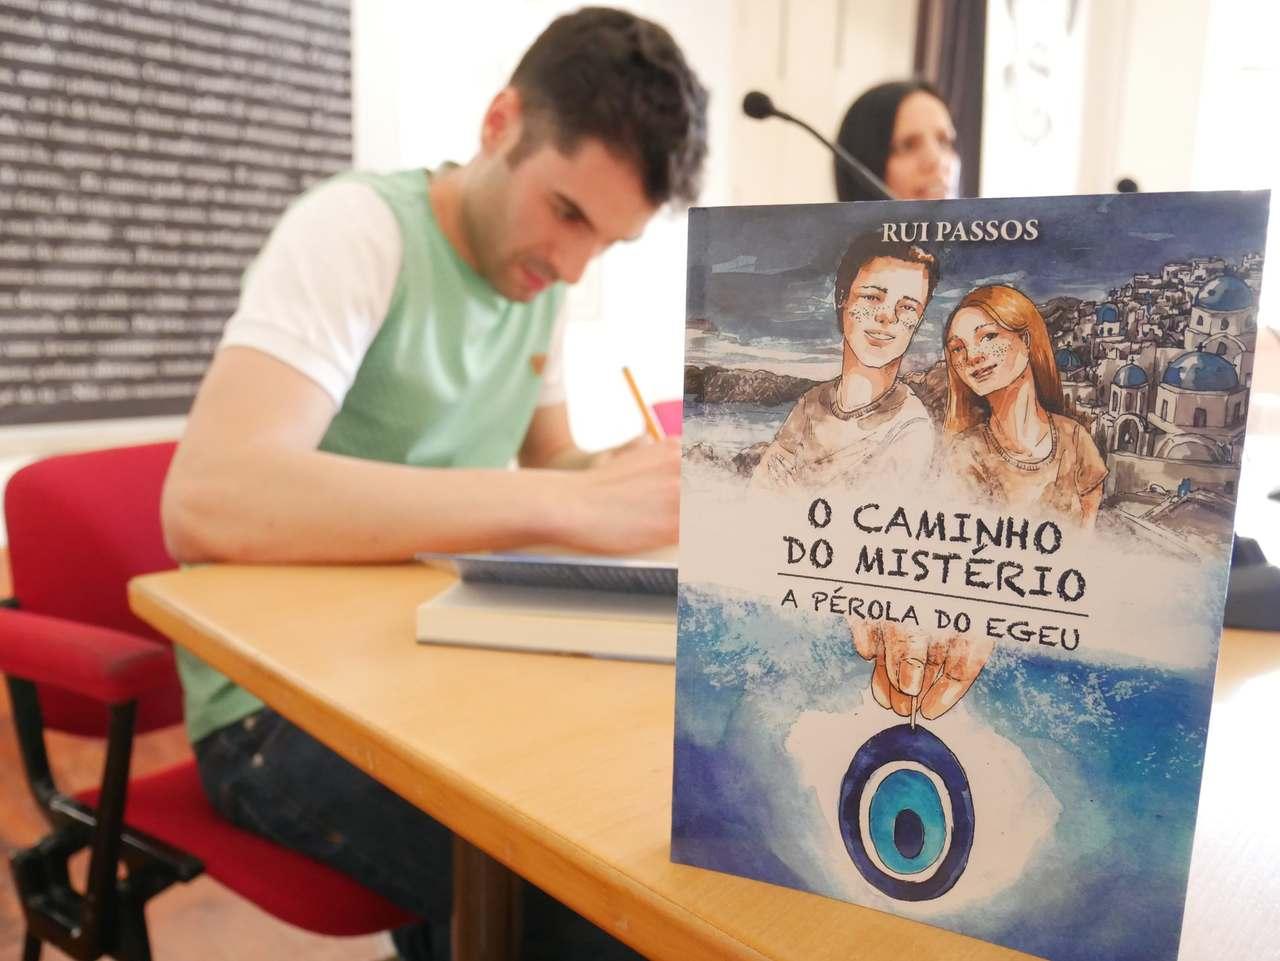 Escritor Rui Passos a autografar o livro O Caminho do Mistério - A Pérola do Egeu durante a cerimónia de apresentação da obra